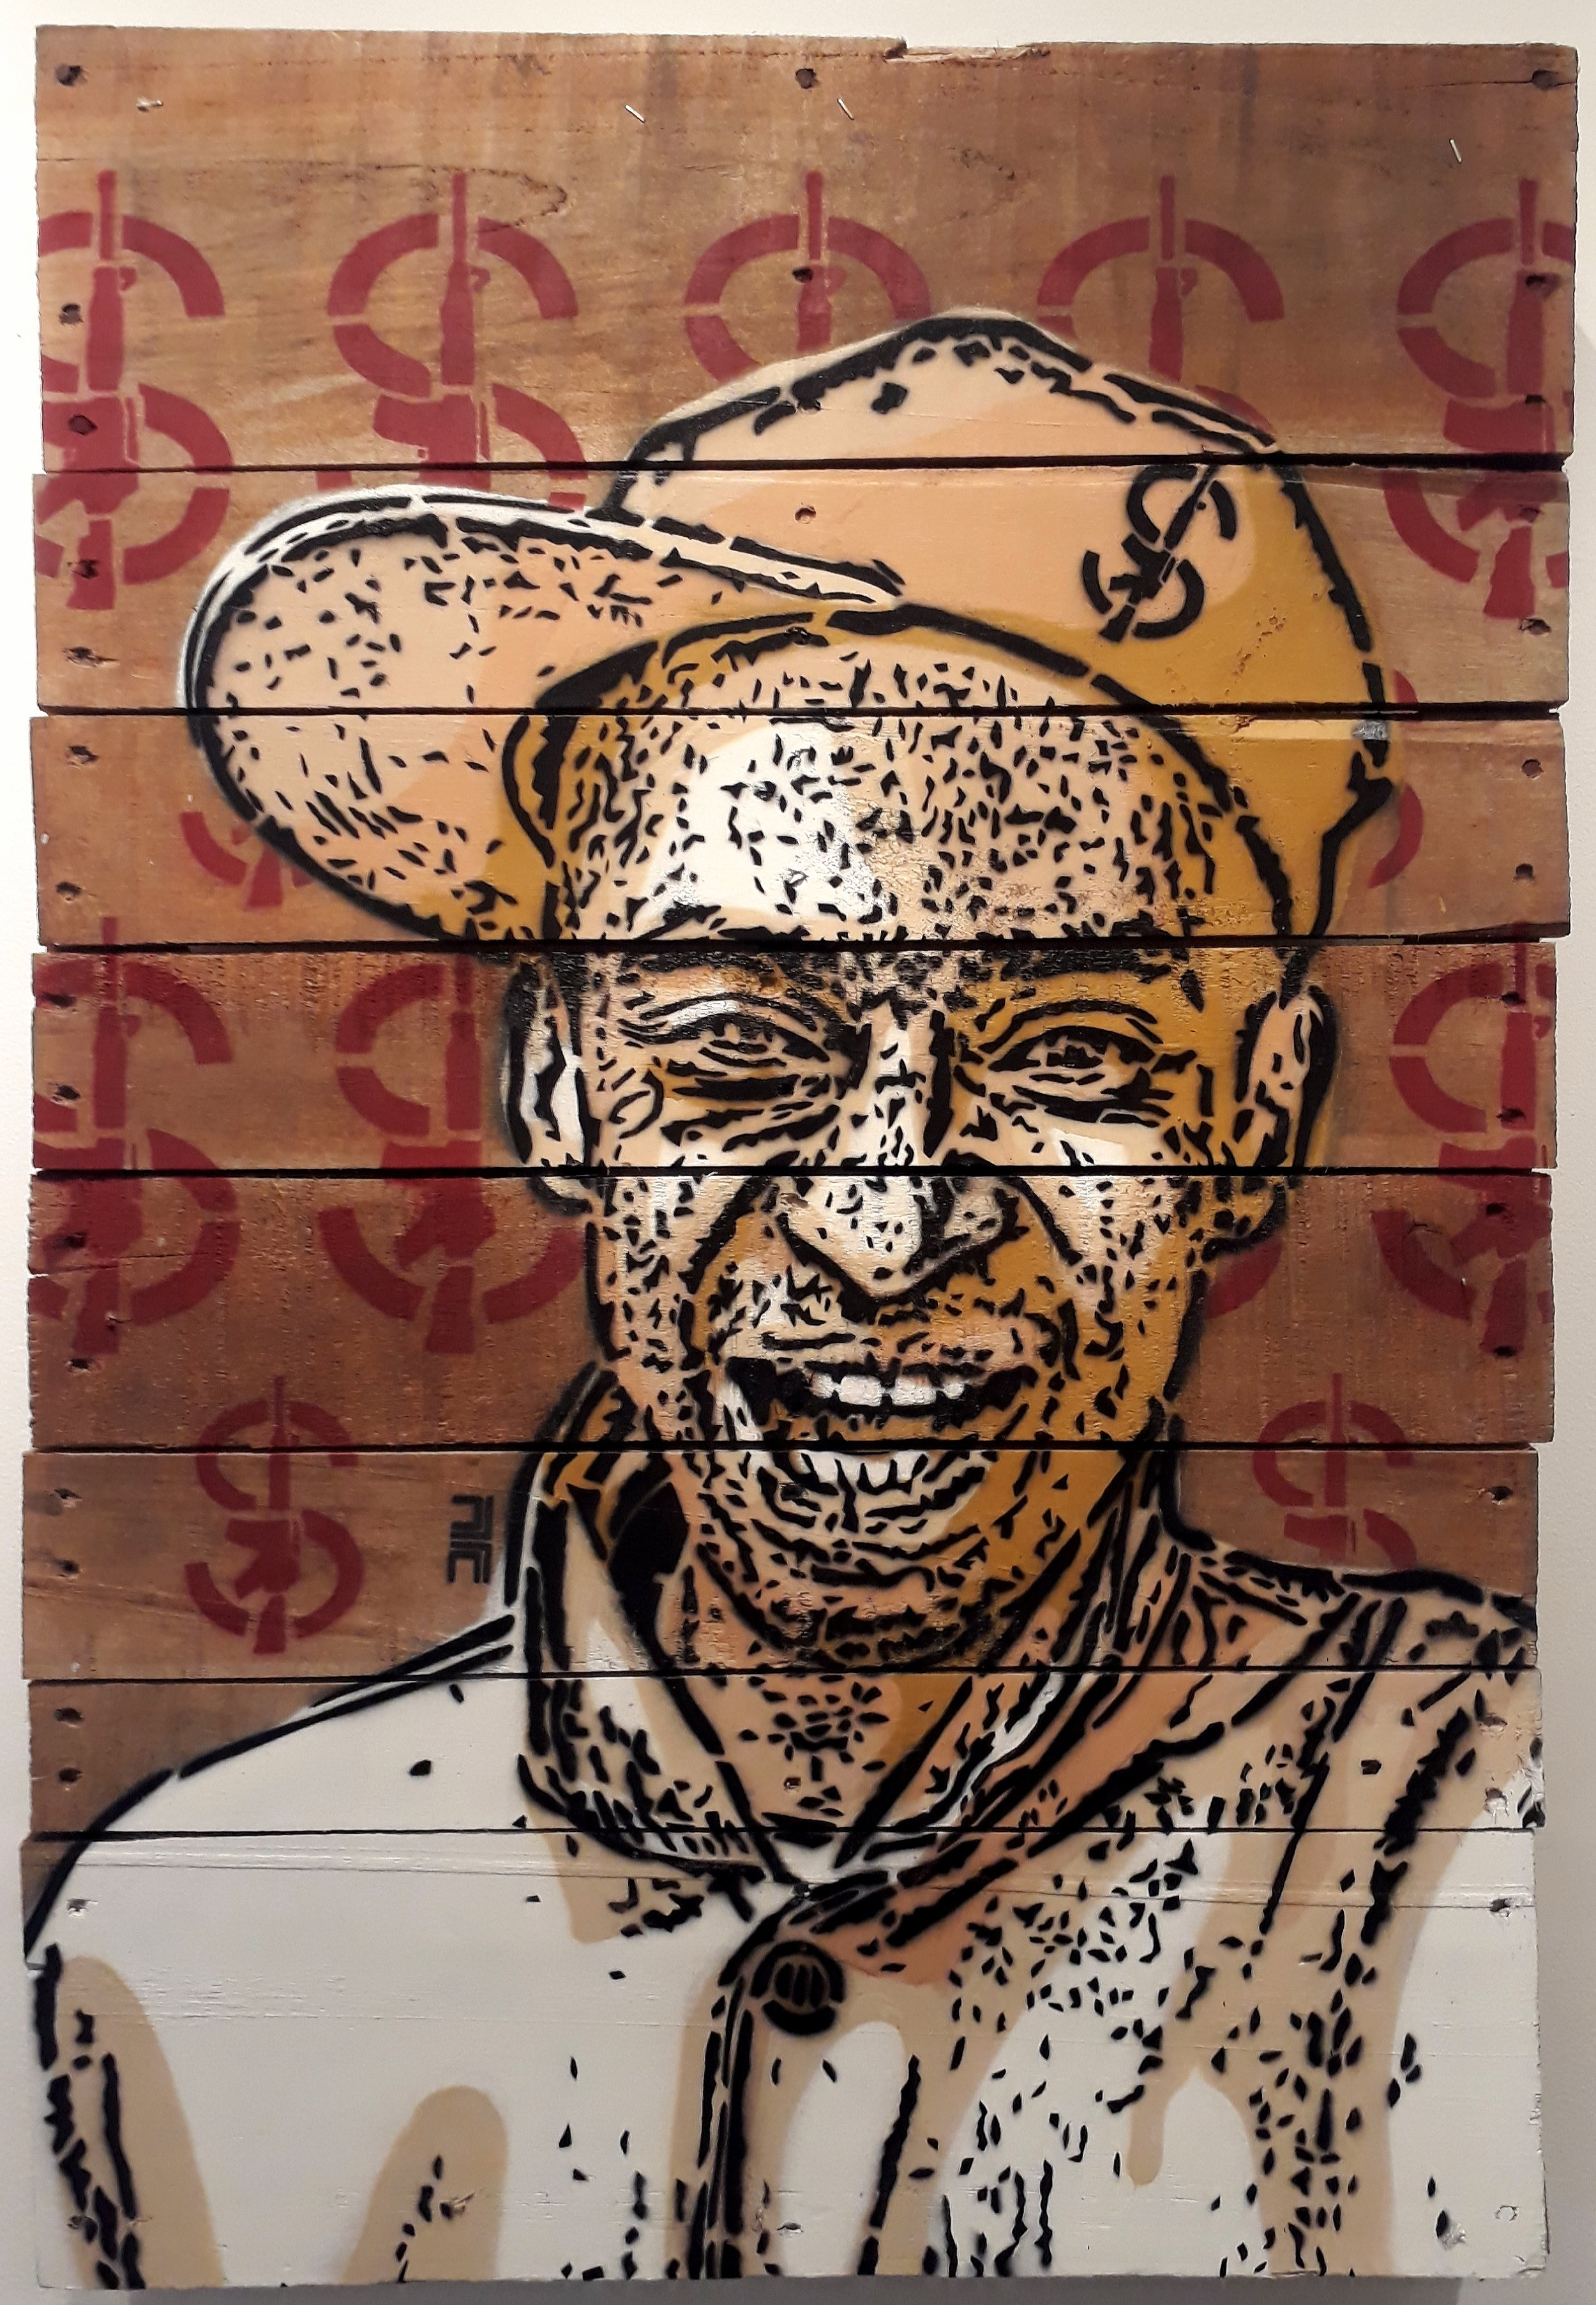 Willy Gamez (2018) - 92 x 62 x 12.5 cm - Stencil sobre paleta de madera / Stencil on wood pallet